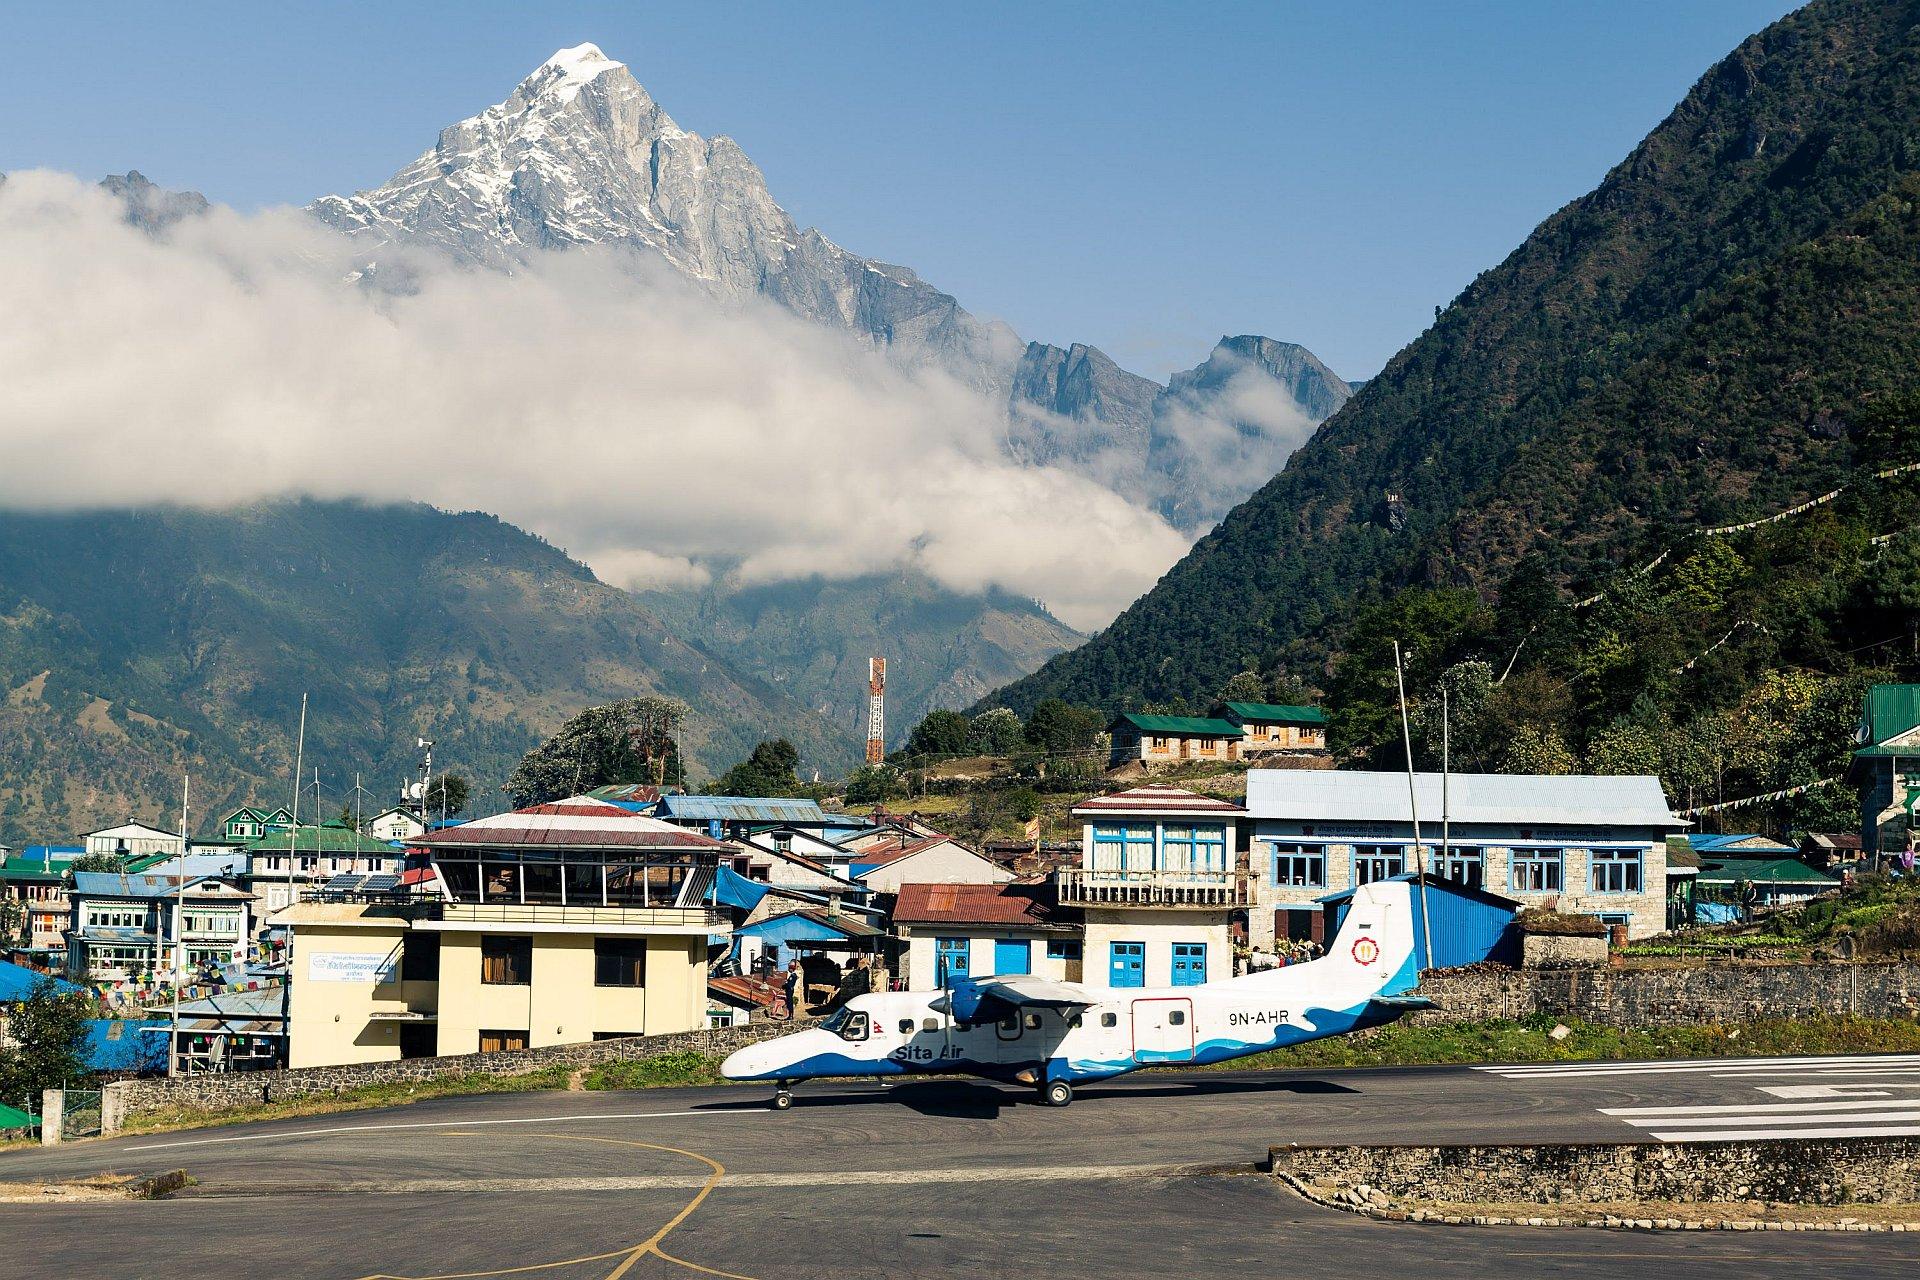 Lotnisko w Lukli, Nepal, Himalaje